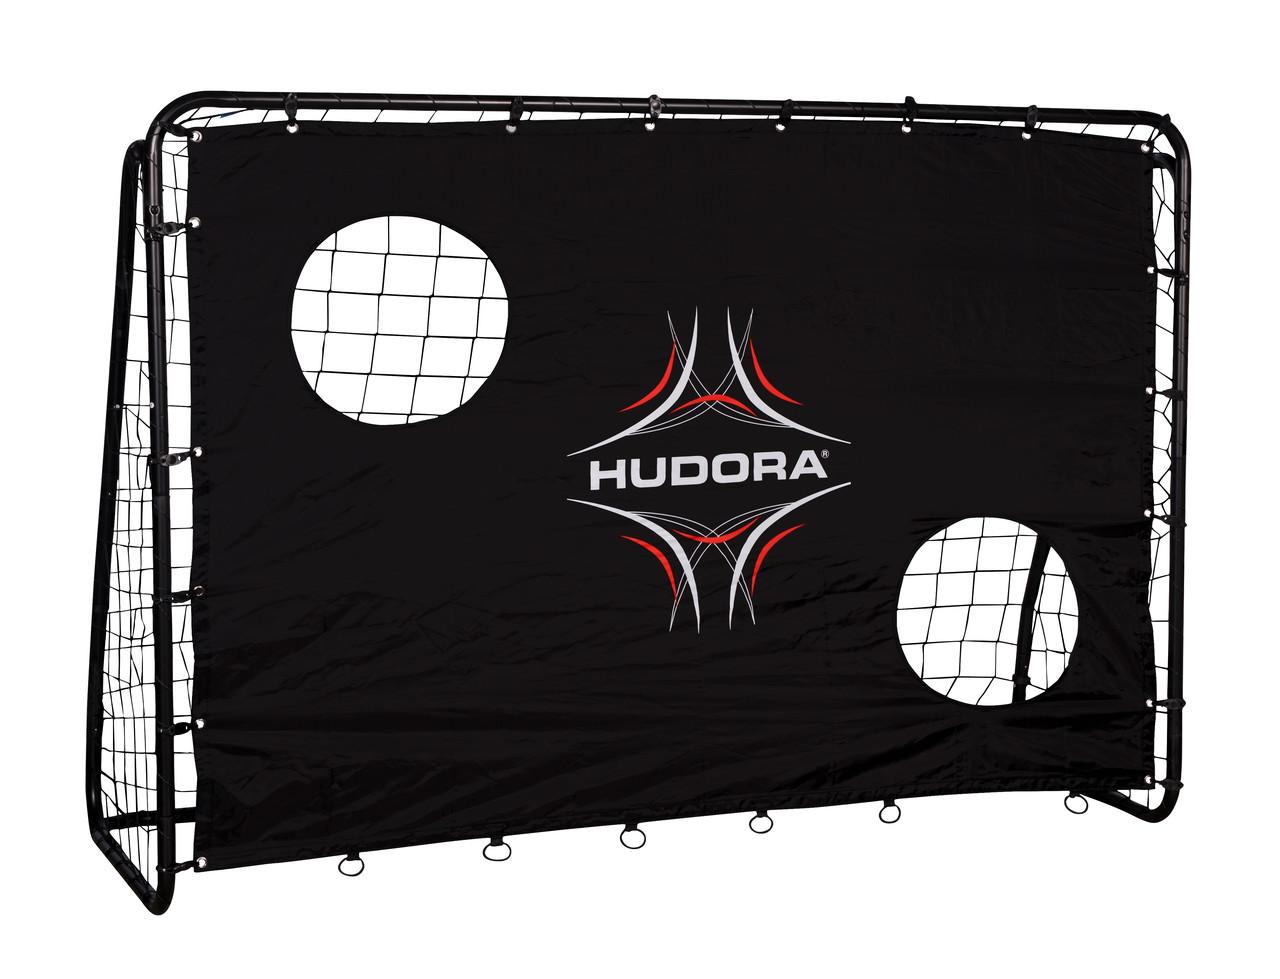 Разборные футбольные ворота с сеткой FREEKICK HUDORA 213 Х 152 см